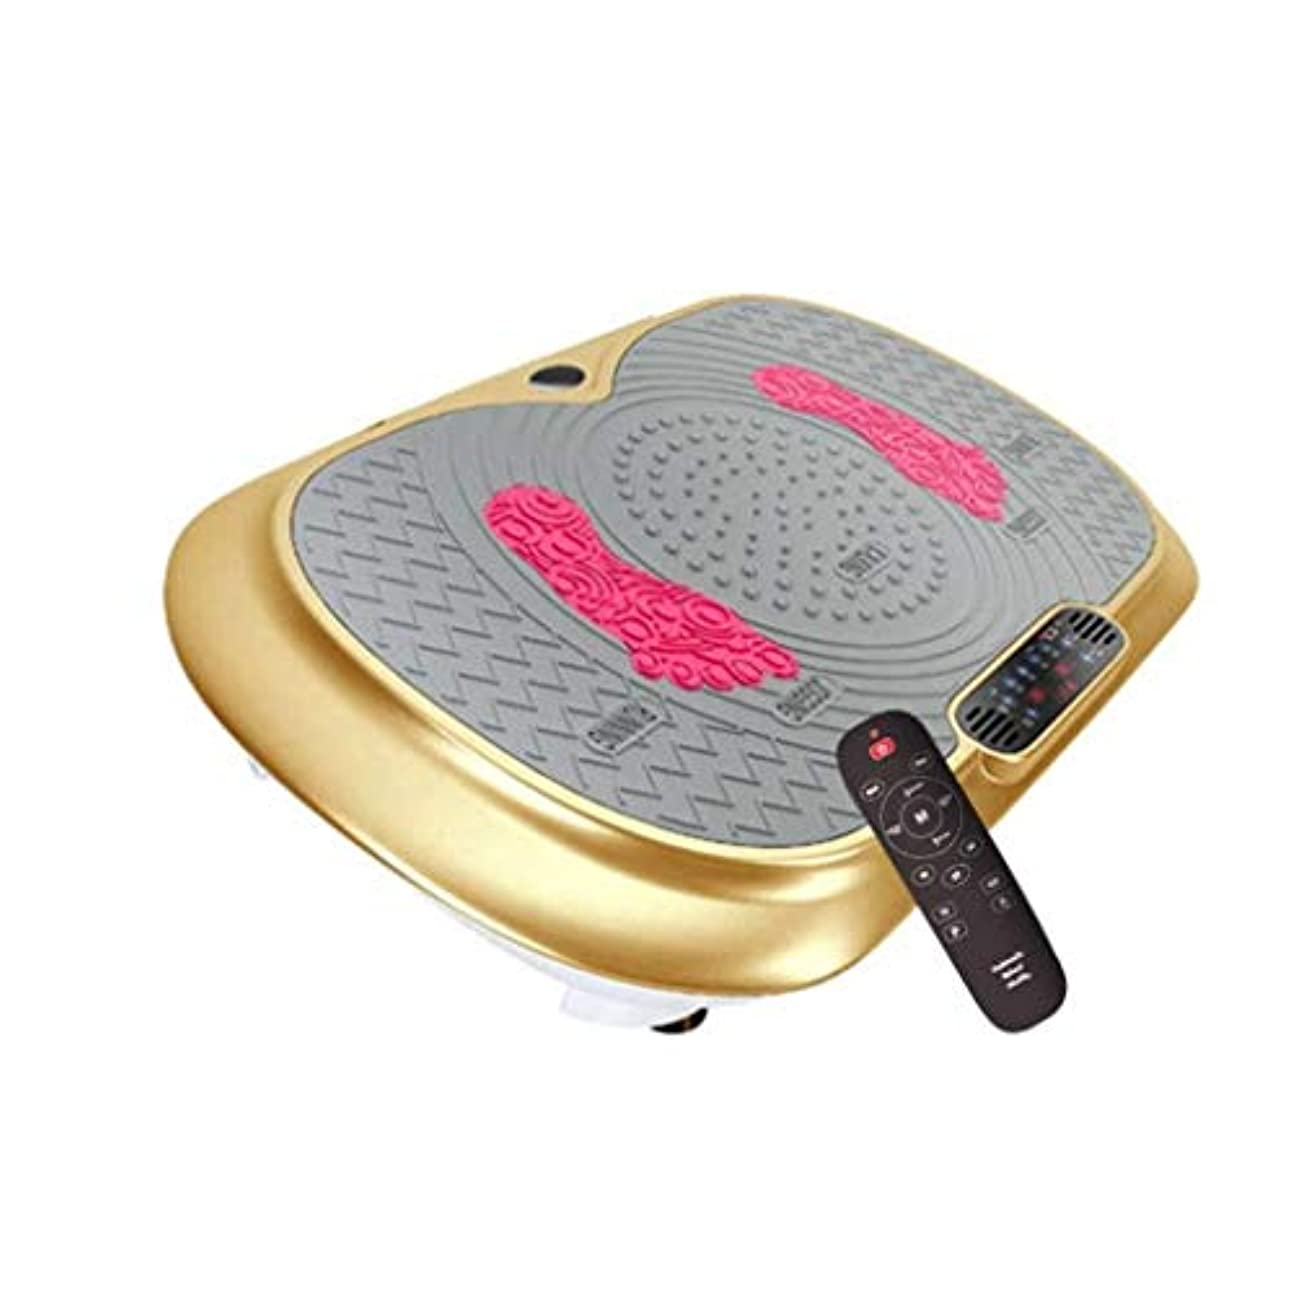 ホステス天文学がっかりした家庭用減量装置、フィットネス振動トレーナー、Bluetoothスピーカー付きフィットネス振動マシン、保存が簡単、自宅での脂肪含有量の削減 (Color : C)